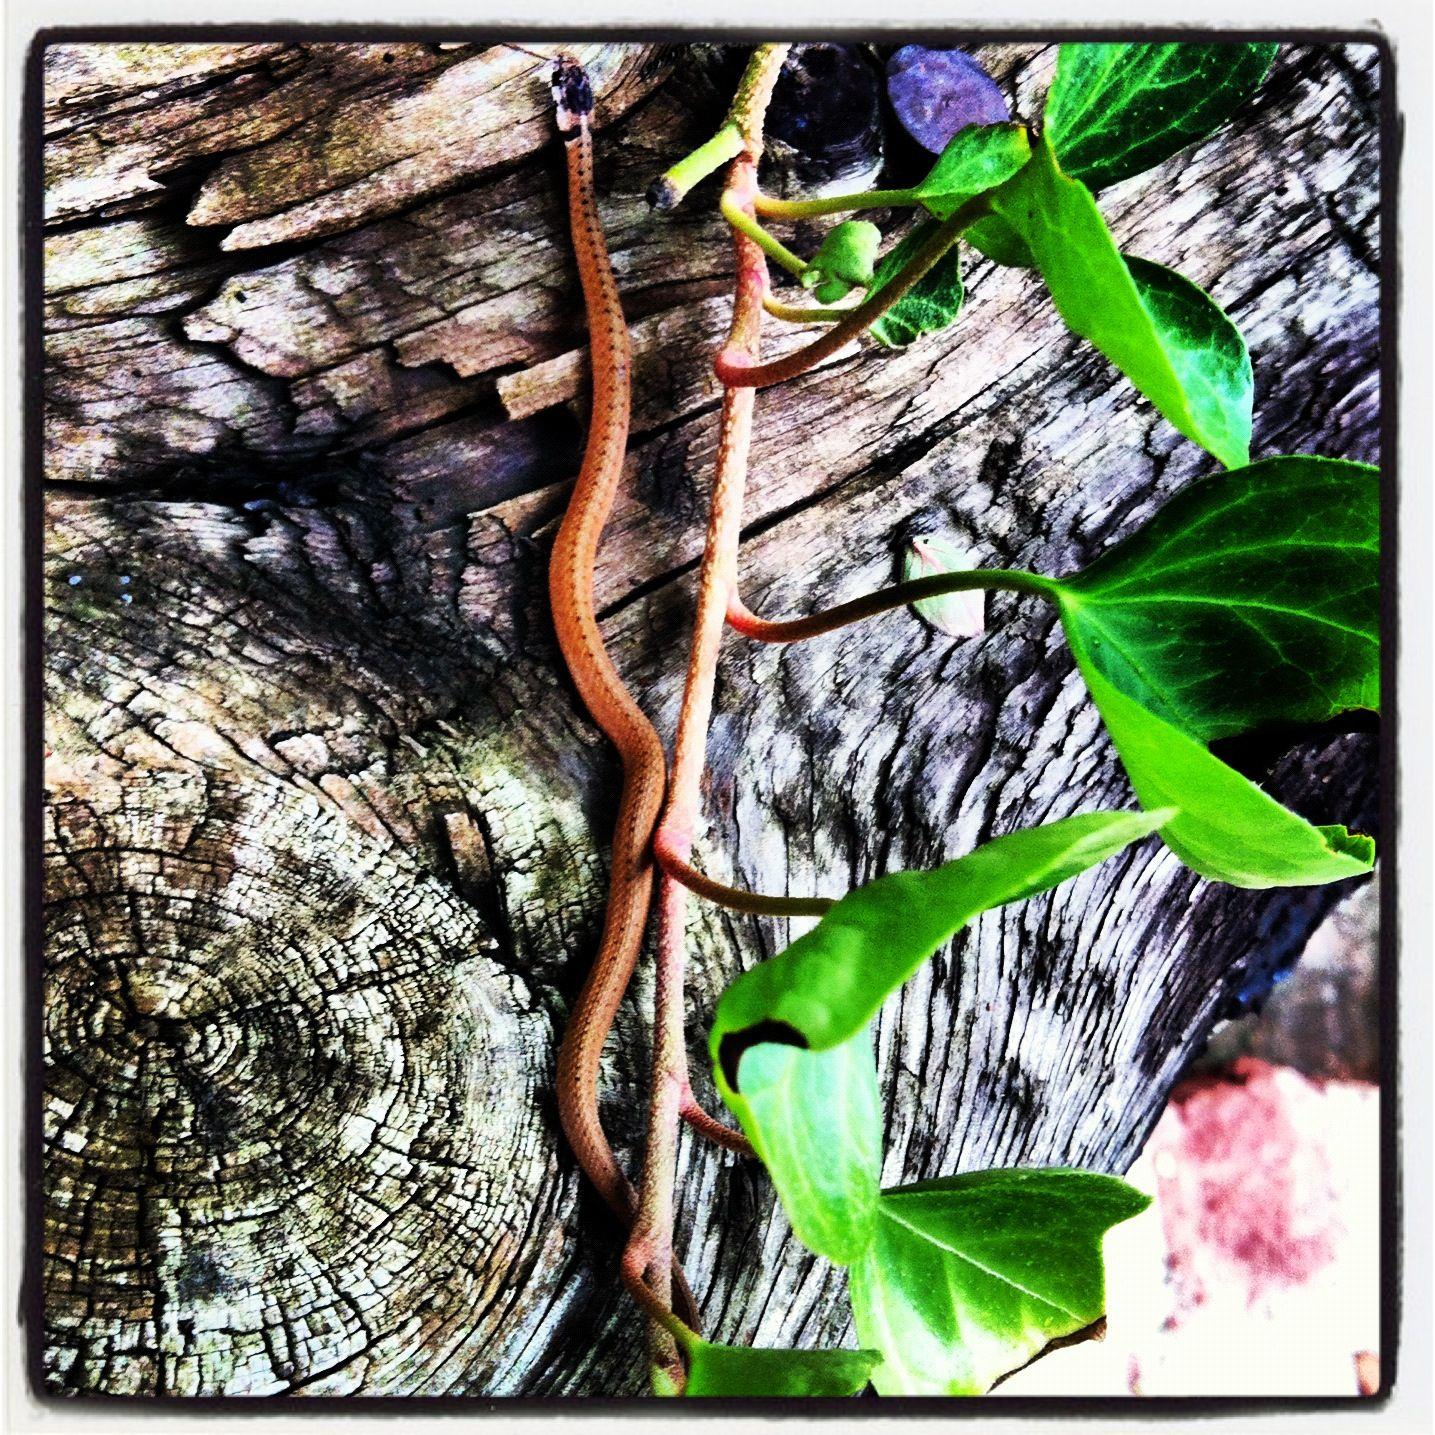 Baby Snake | Baby snakes, Snake, Backyard